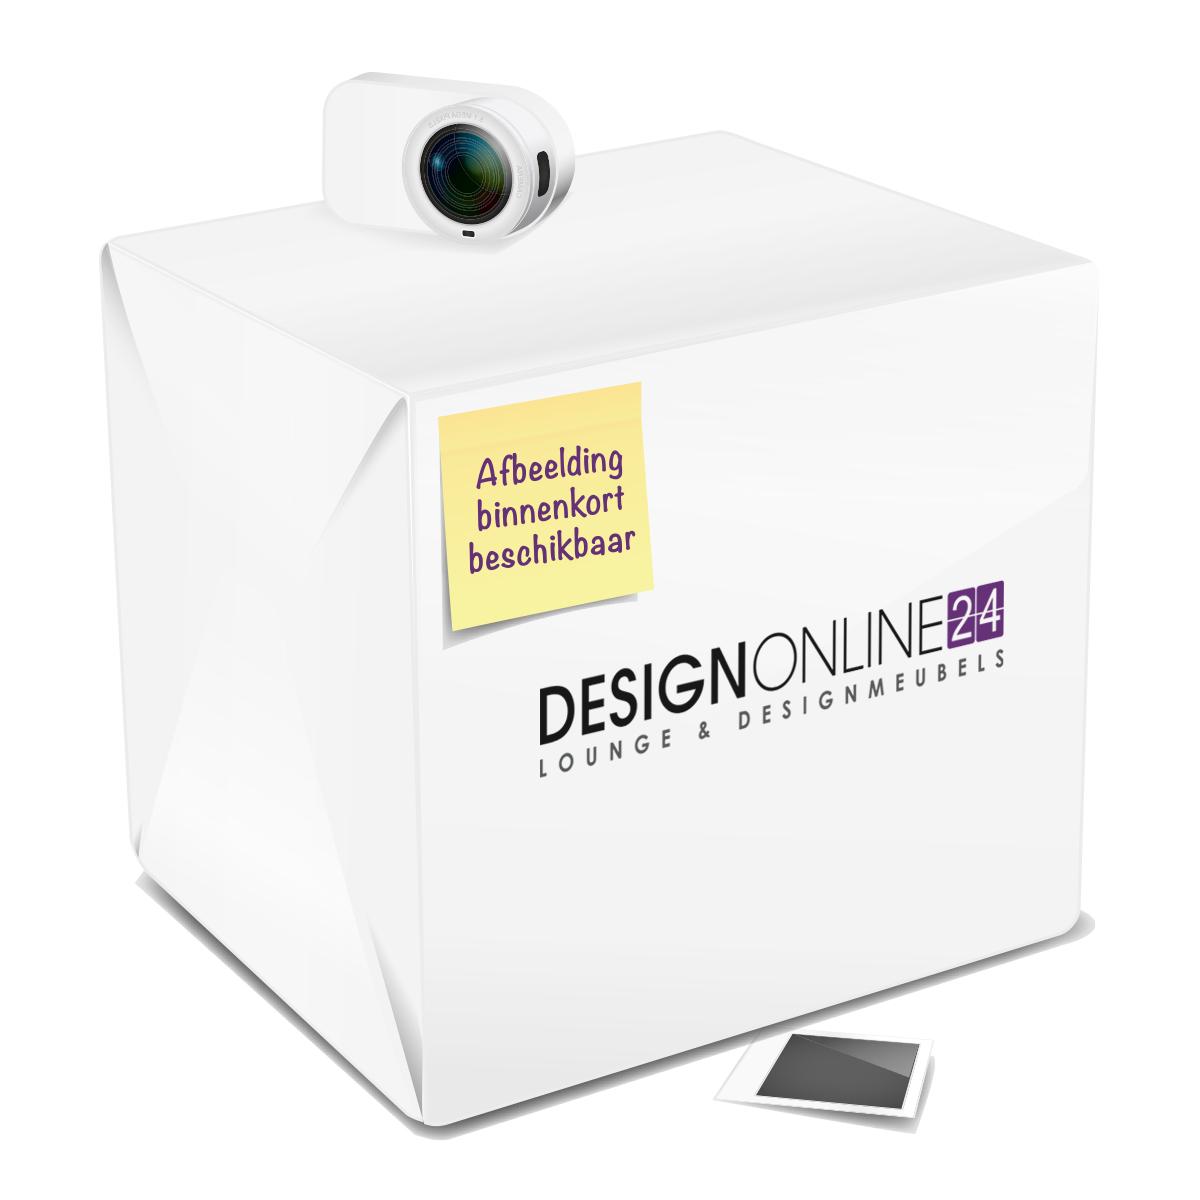 24Designs Loungeset voor 4 Personen - Marina - Bruin/Grijs Polyrattan Wicker met Grijze kussens